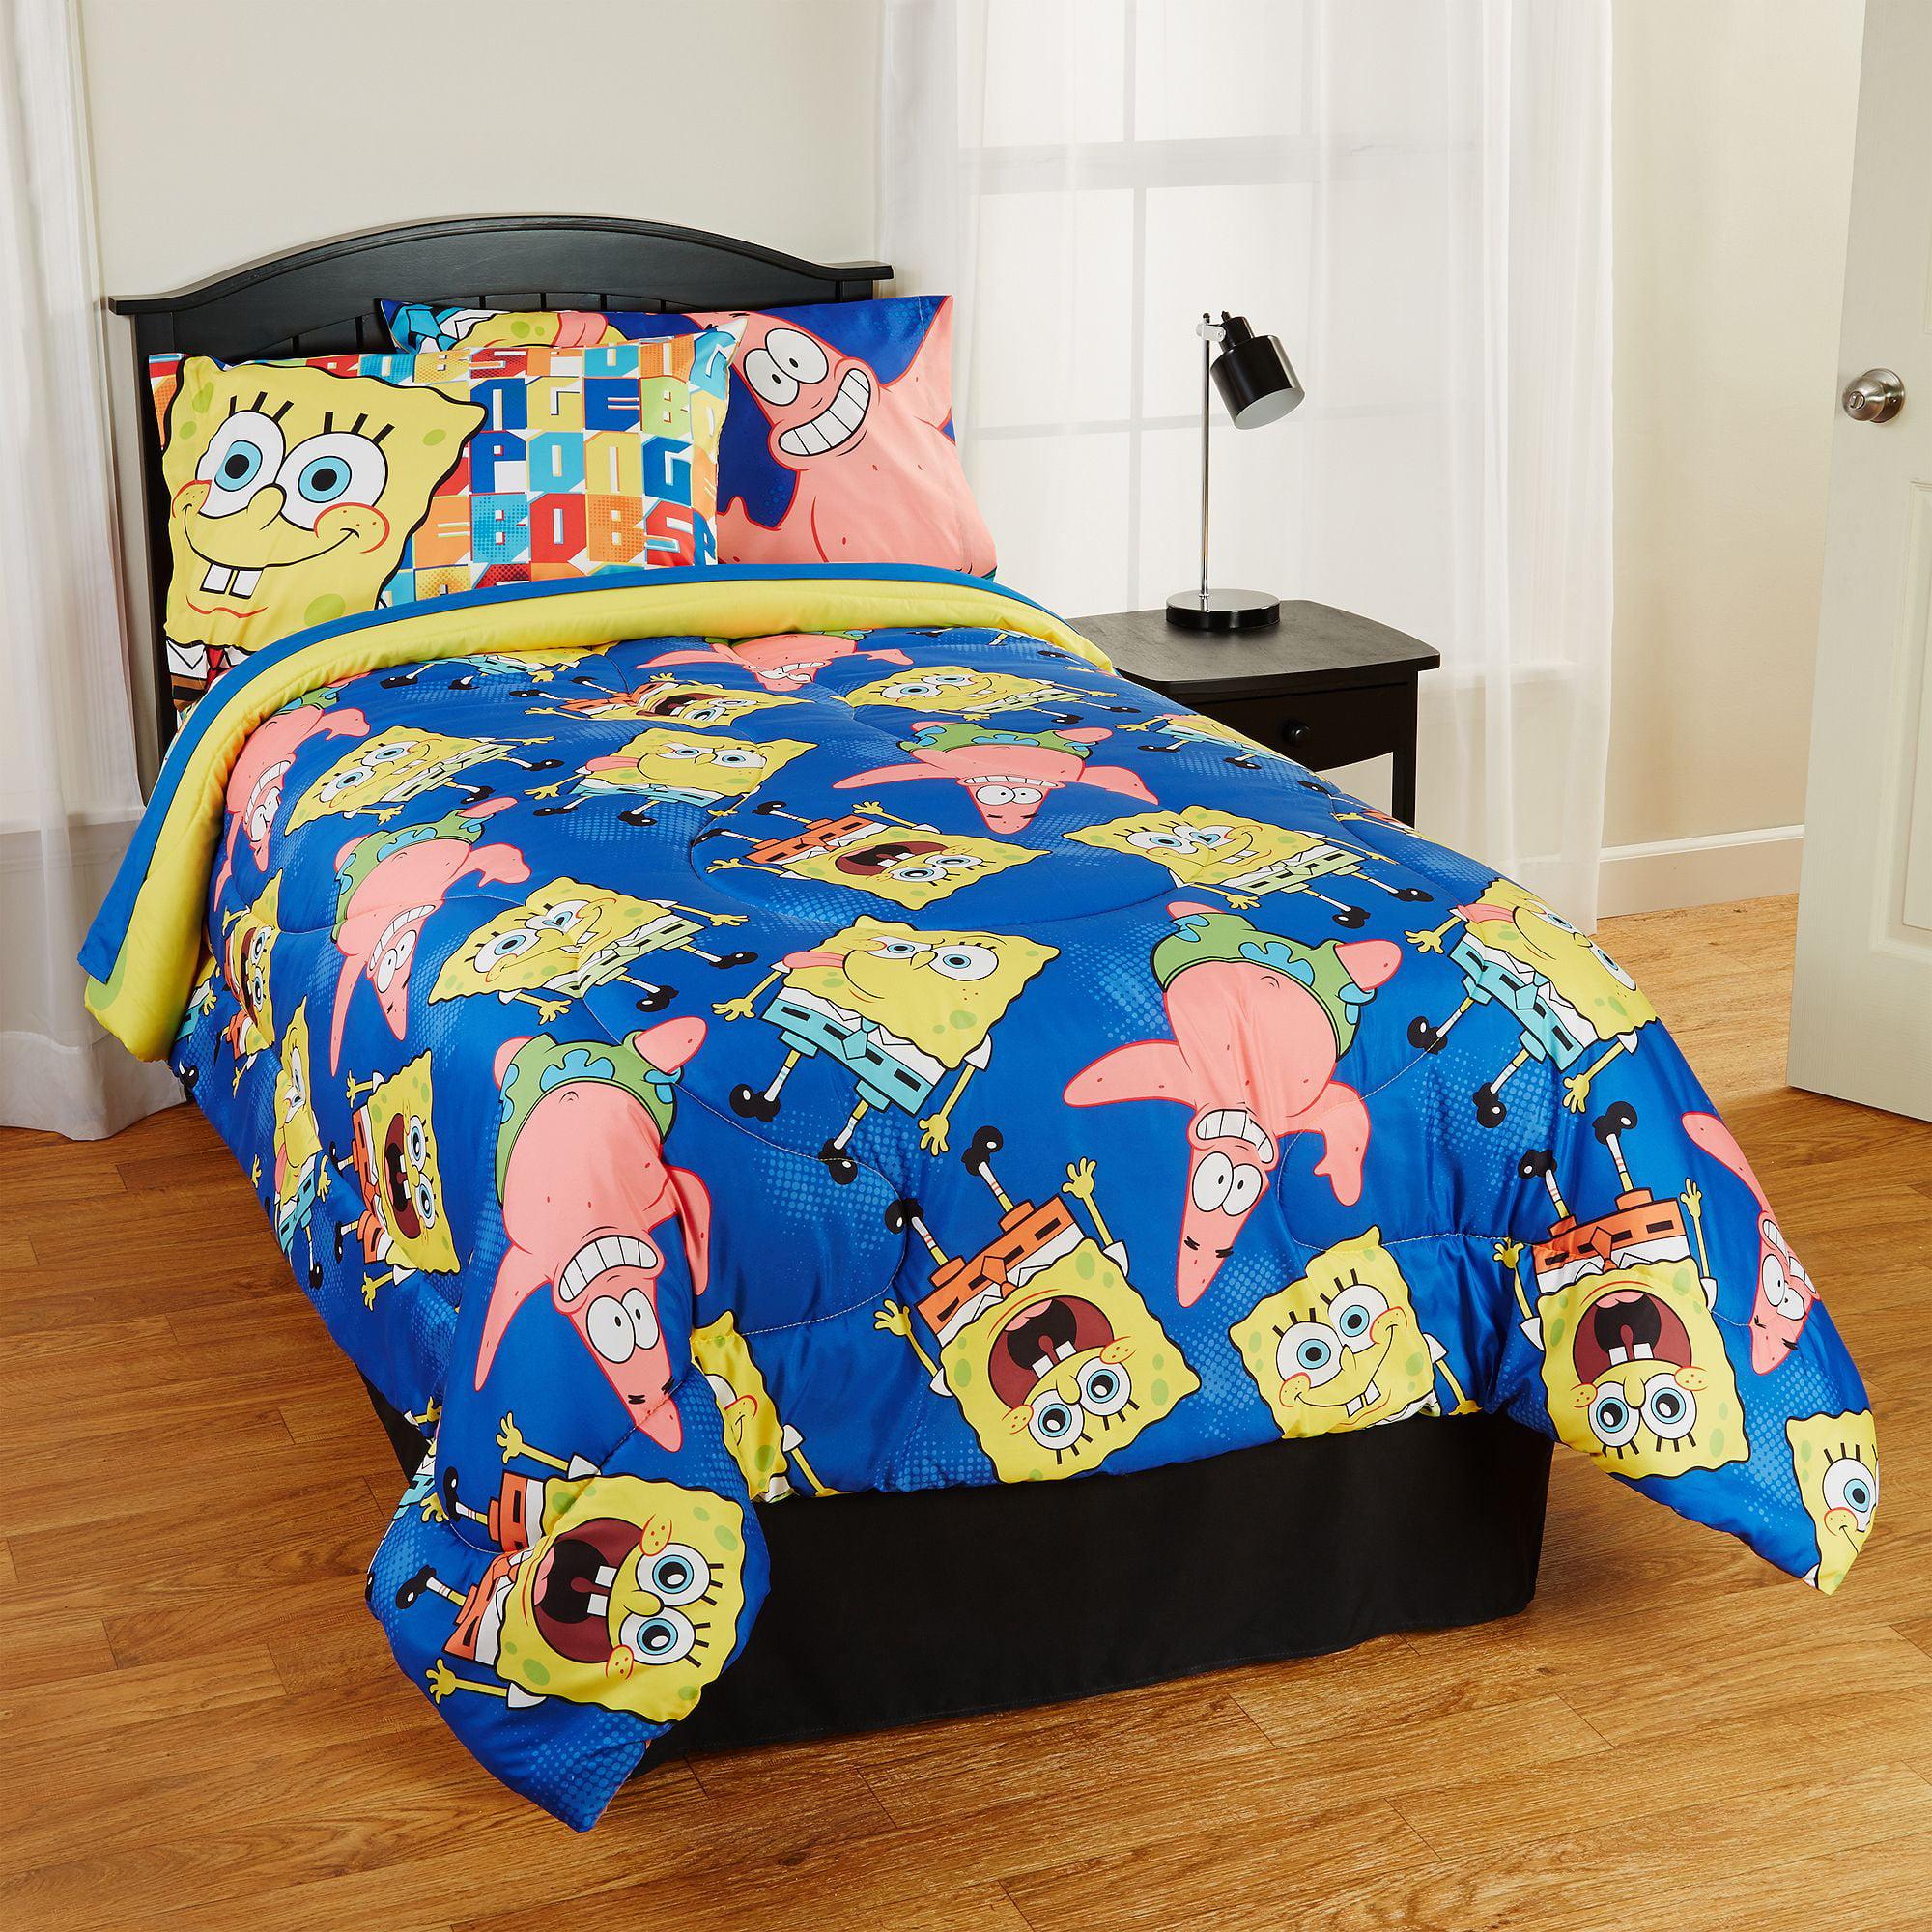 spongebob squarepants twin bed set bedding queen